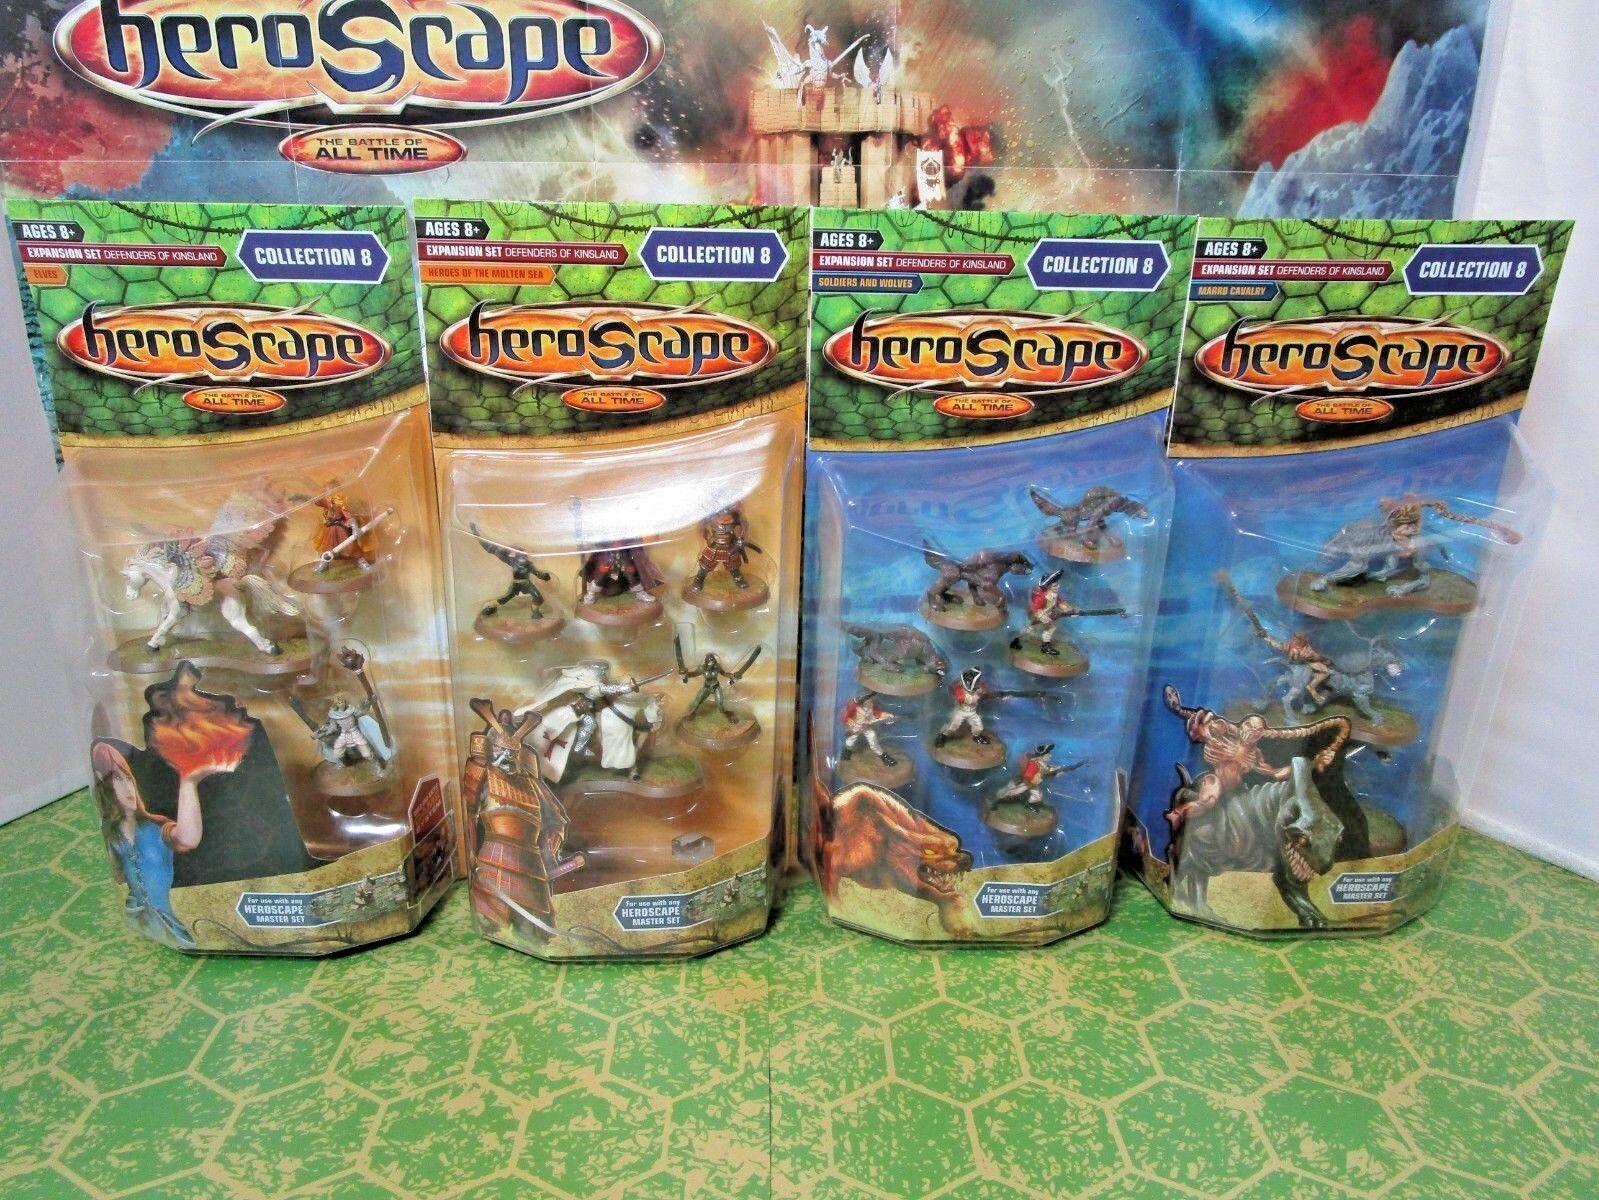 Heroscape Onda 8 defensores de Kinsland Nuevo en Caja, Completo-Elfos, 10th Reg. más